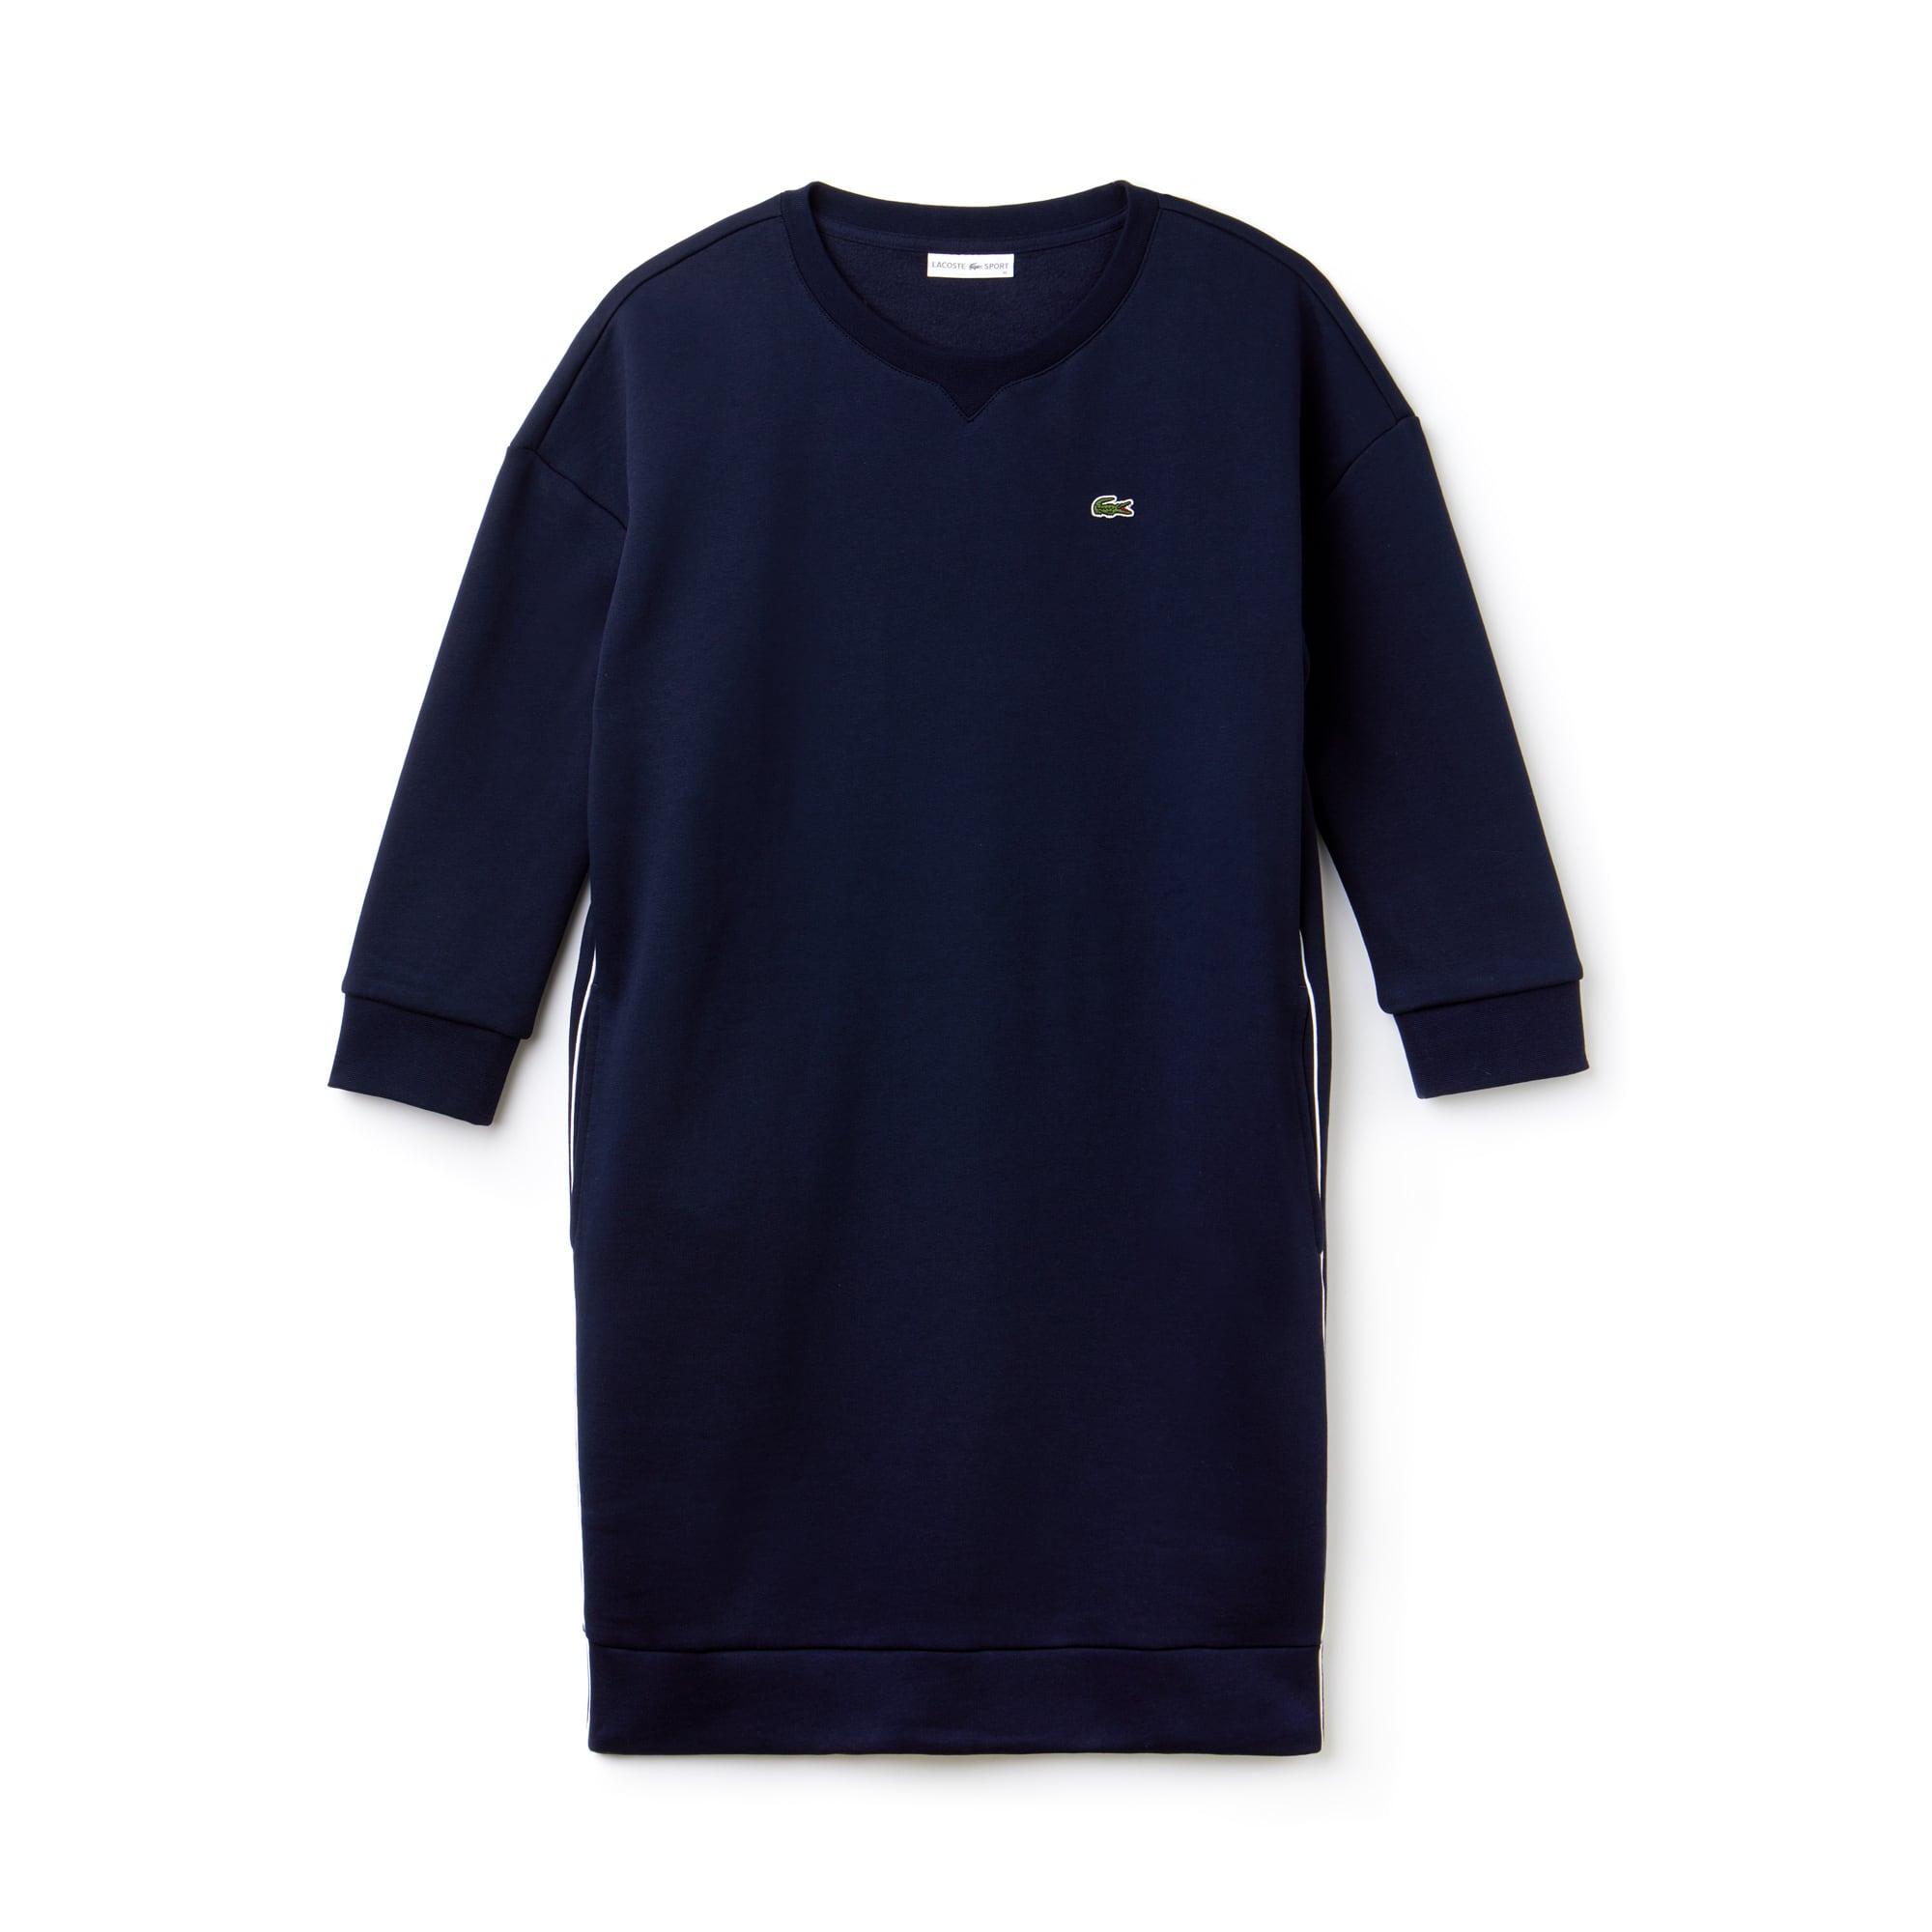 라코스테 Lacoste Womens SPORT Piped Fleece Tennis Sweatshirt Dress,navy blue/white-navy blue